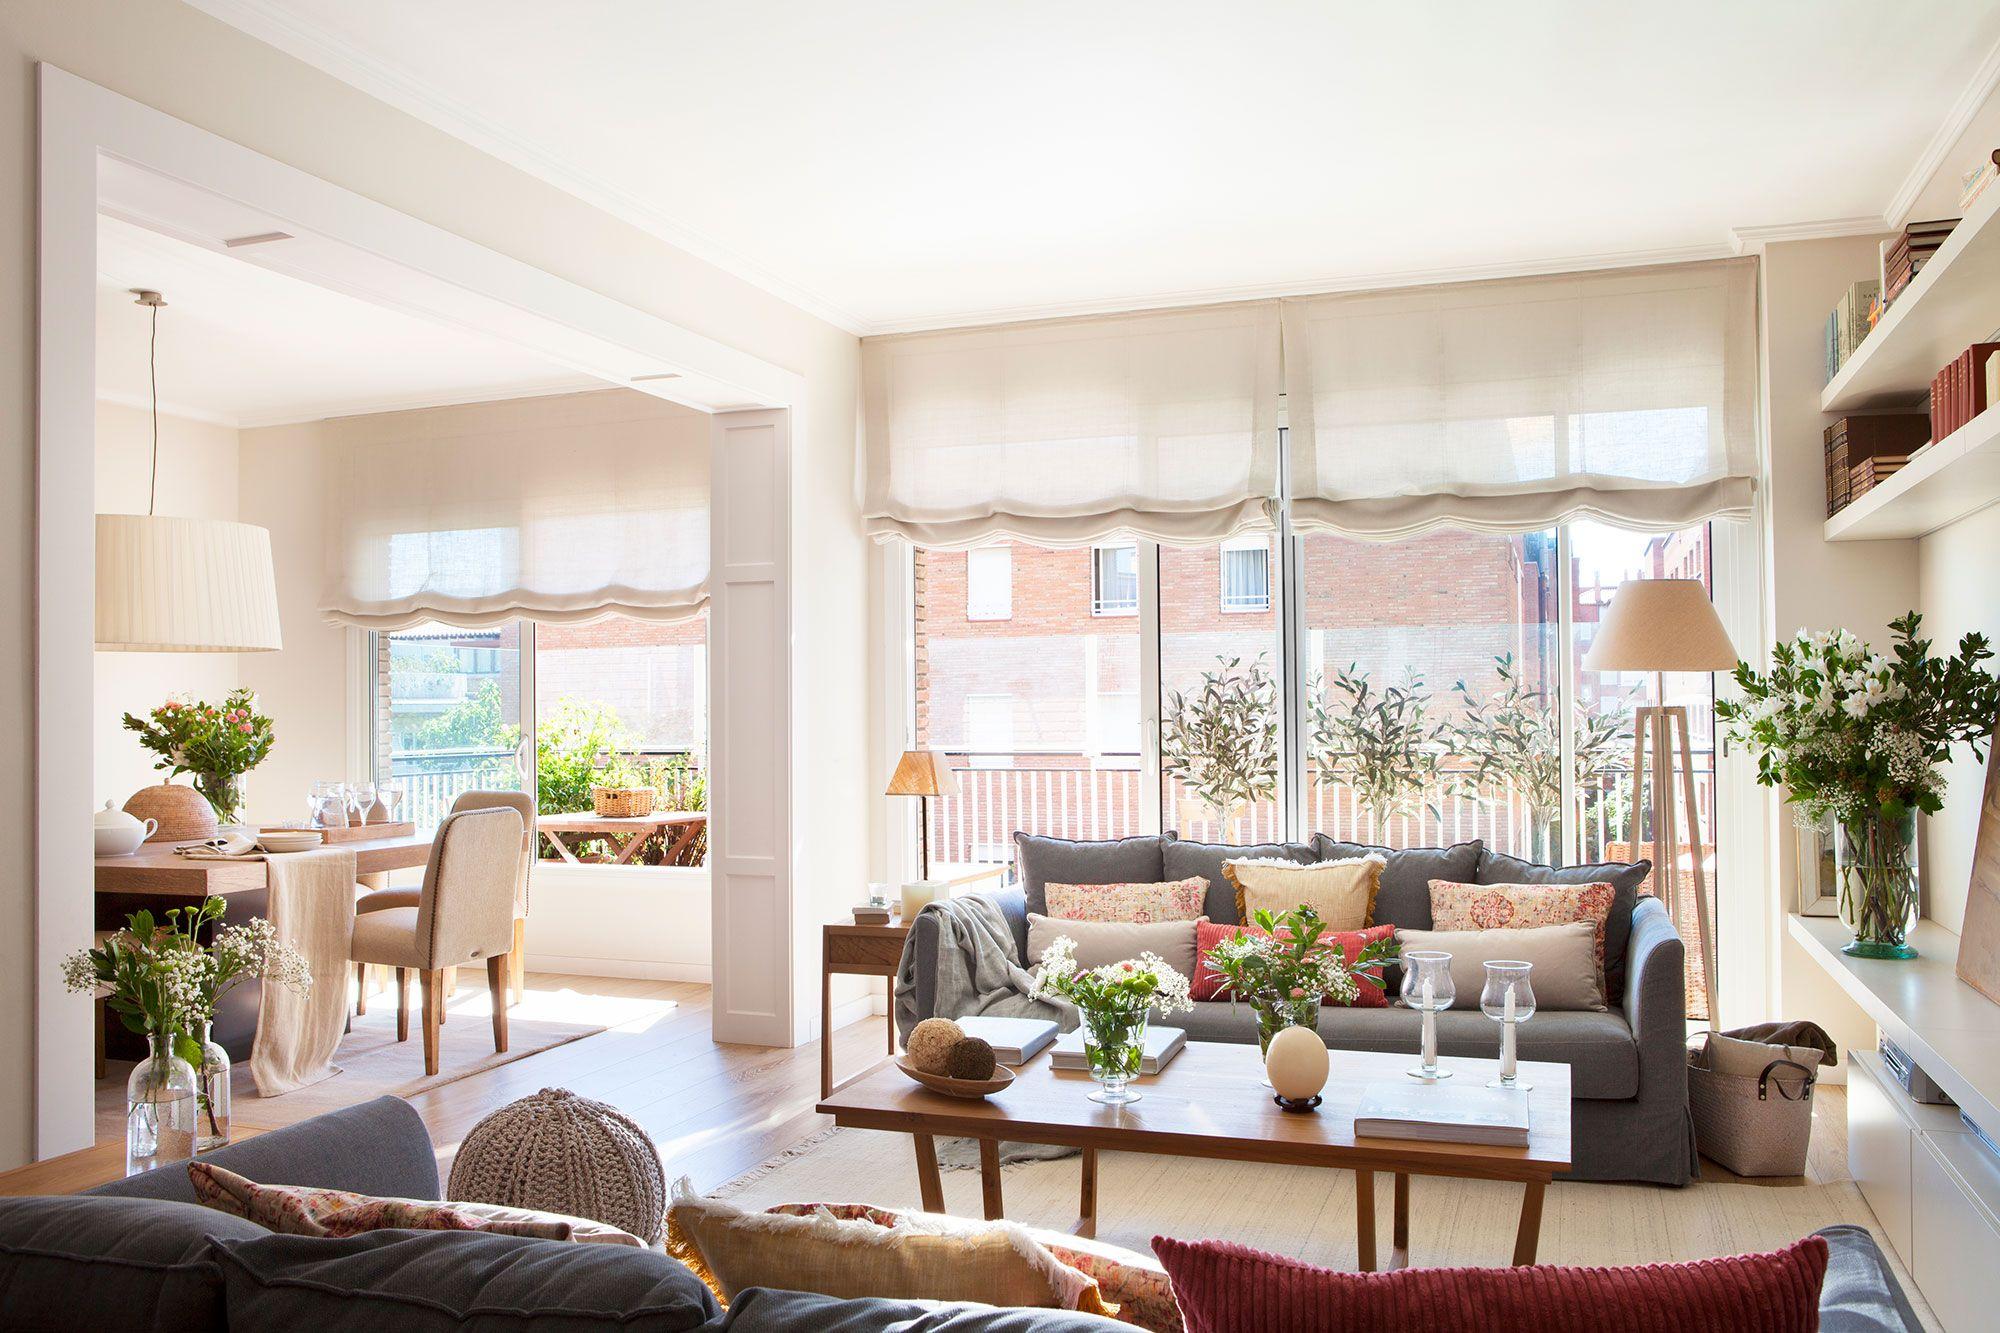 Sal n con comedor con granes ventanales a la terraza for Ideas decorativas para salas